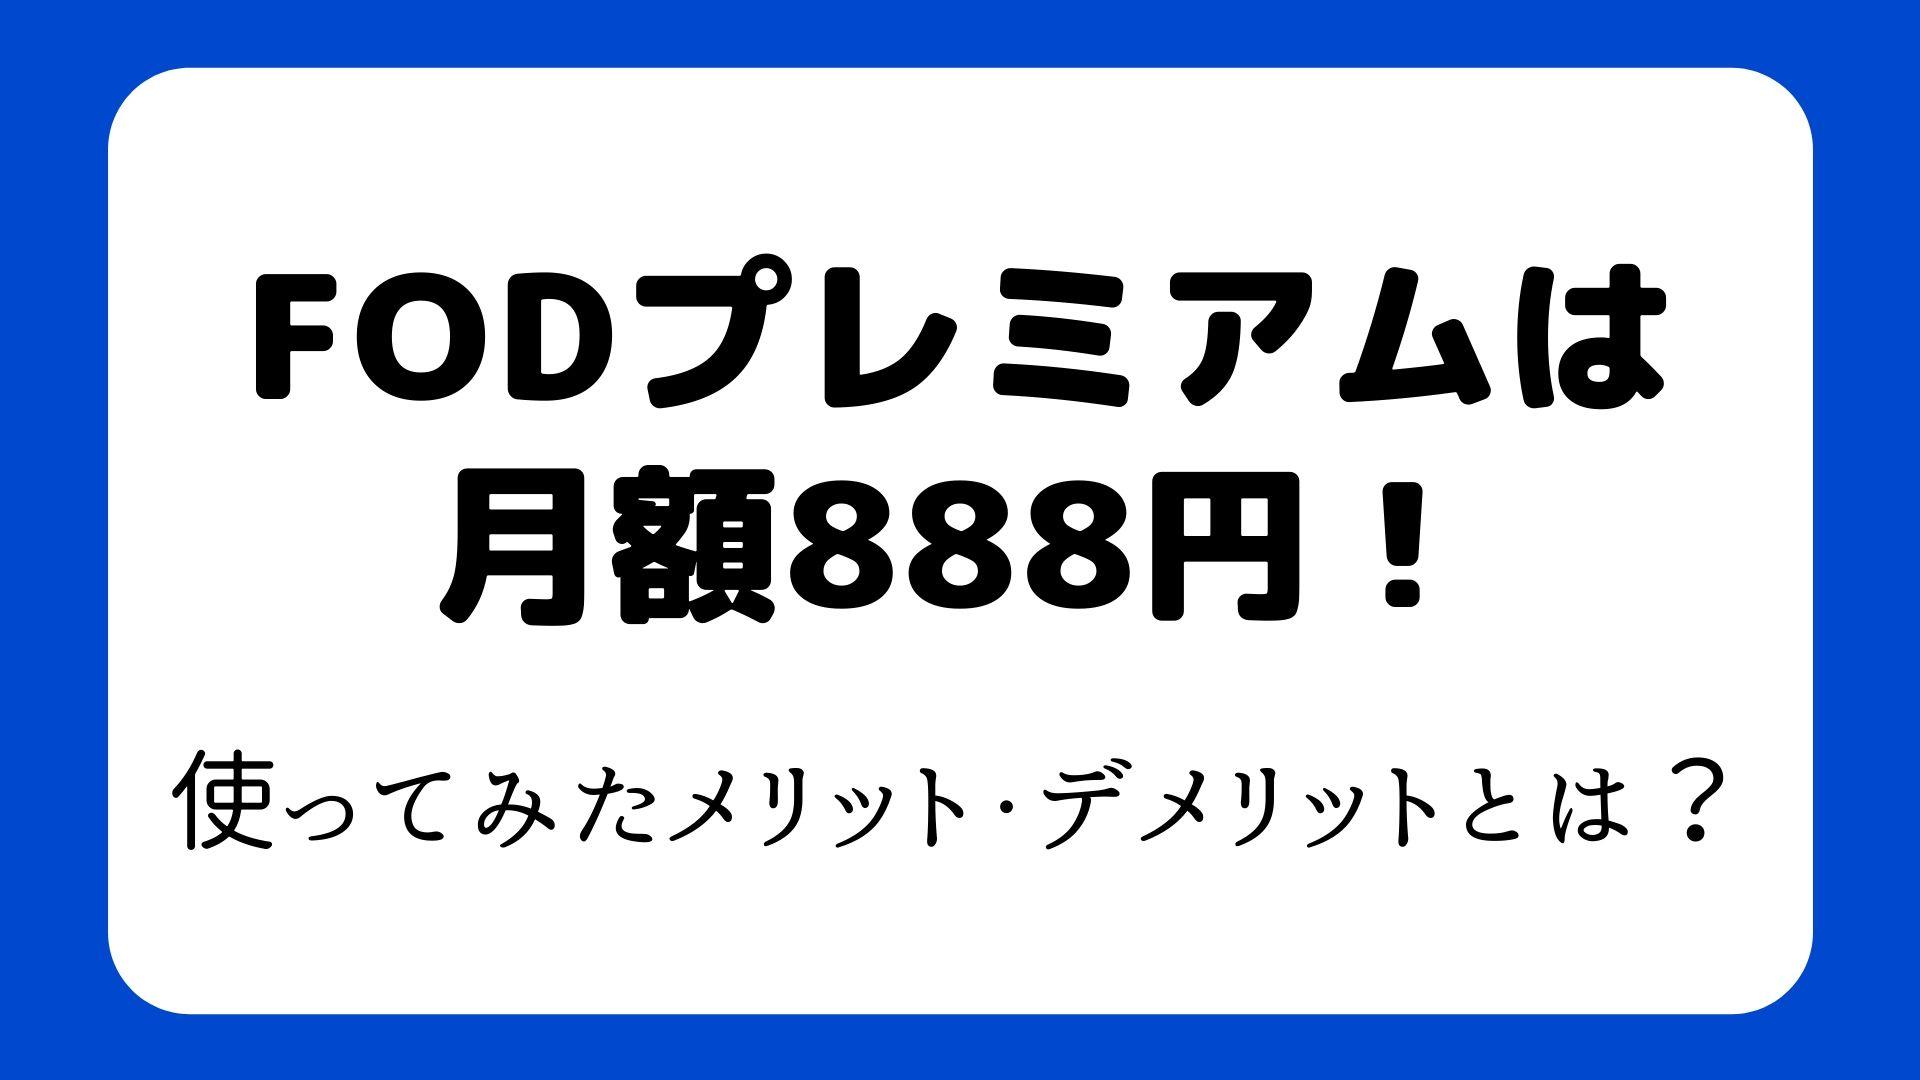 FODプレミアムは月額888円!使ってみたメリット・デメリットとは?